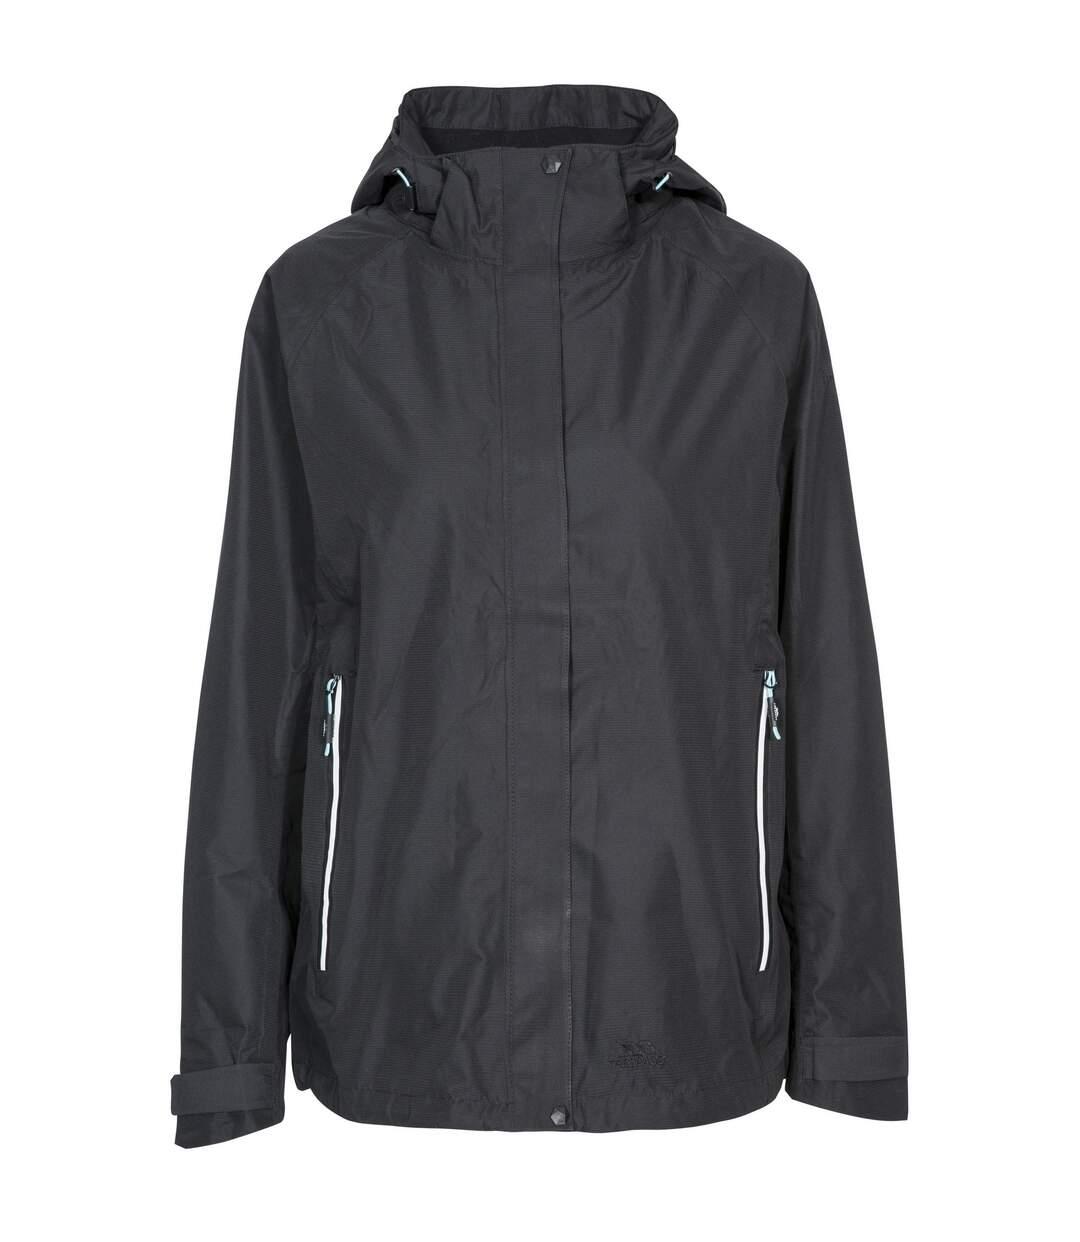 Trespass Womens/Ladies Review Waterproof Jacket (Black) - UTTP4617